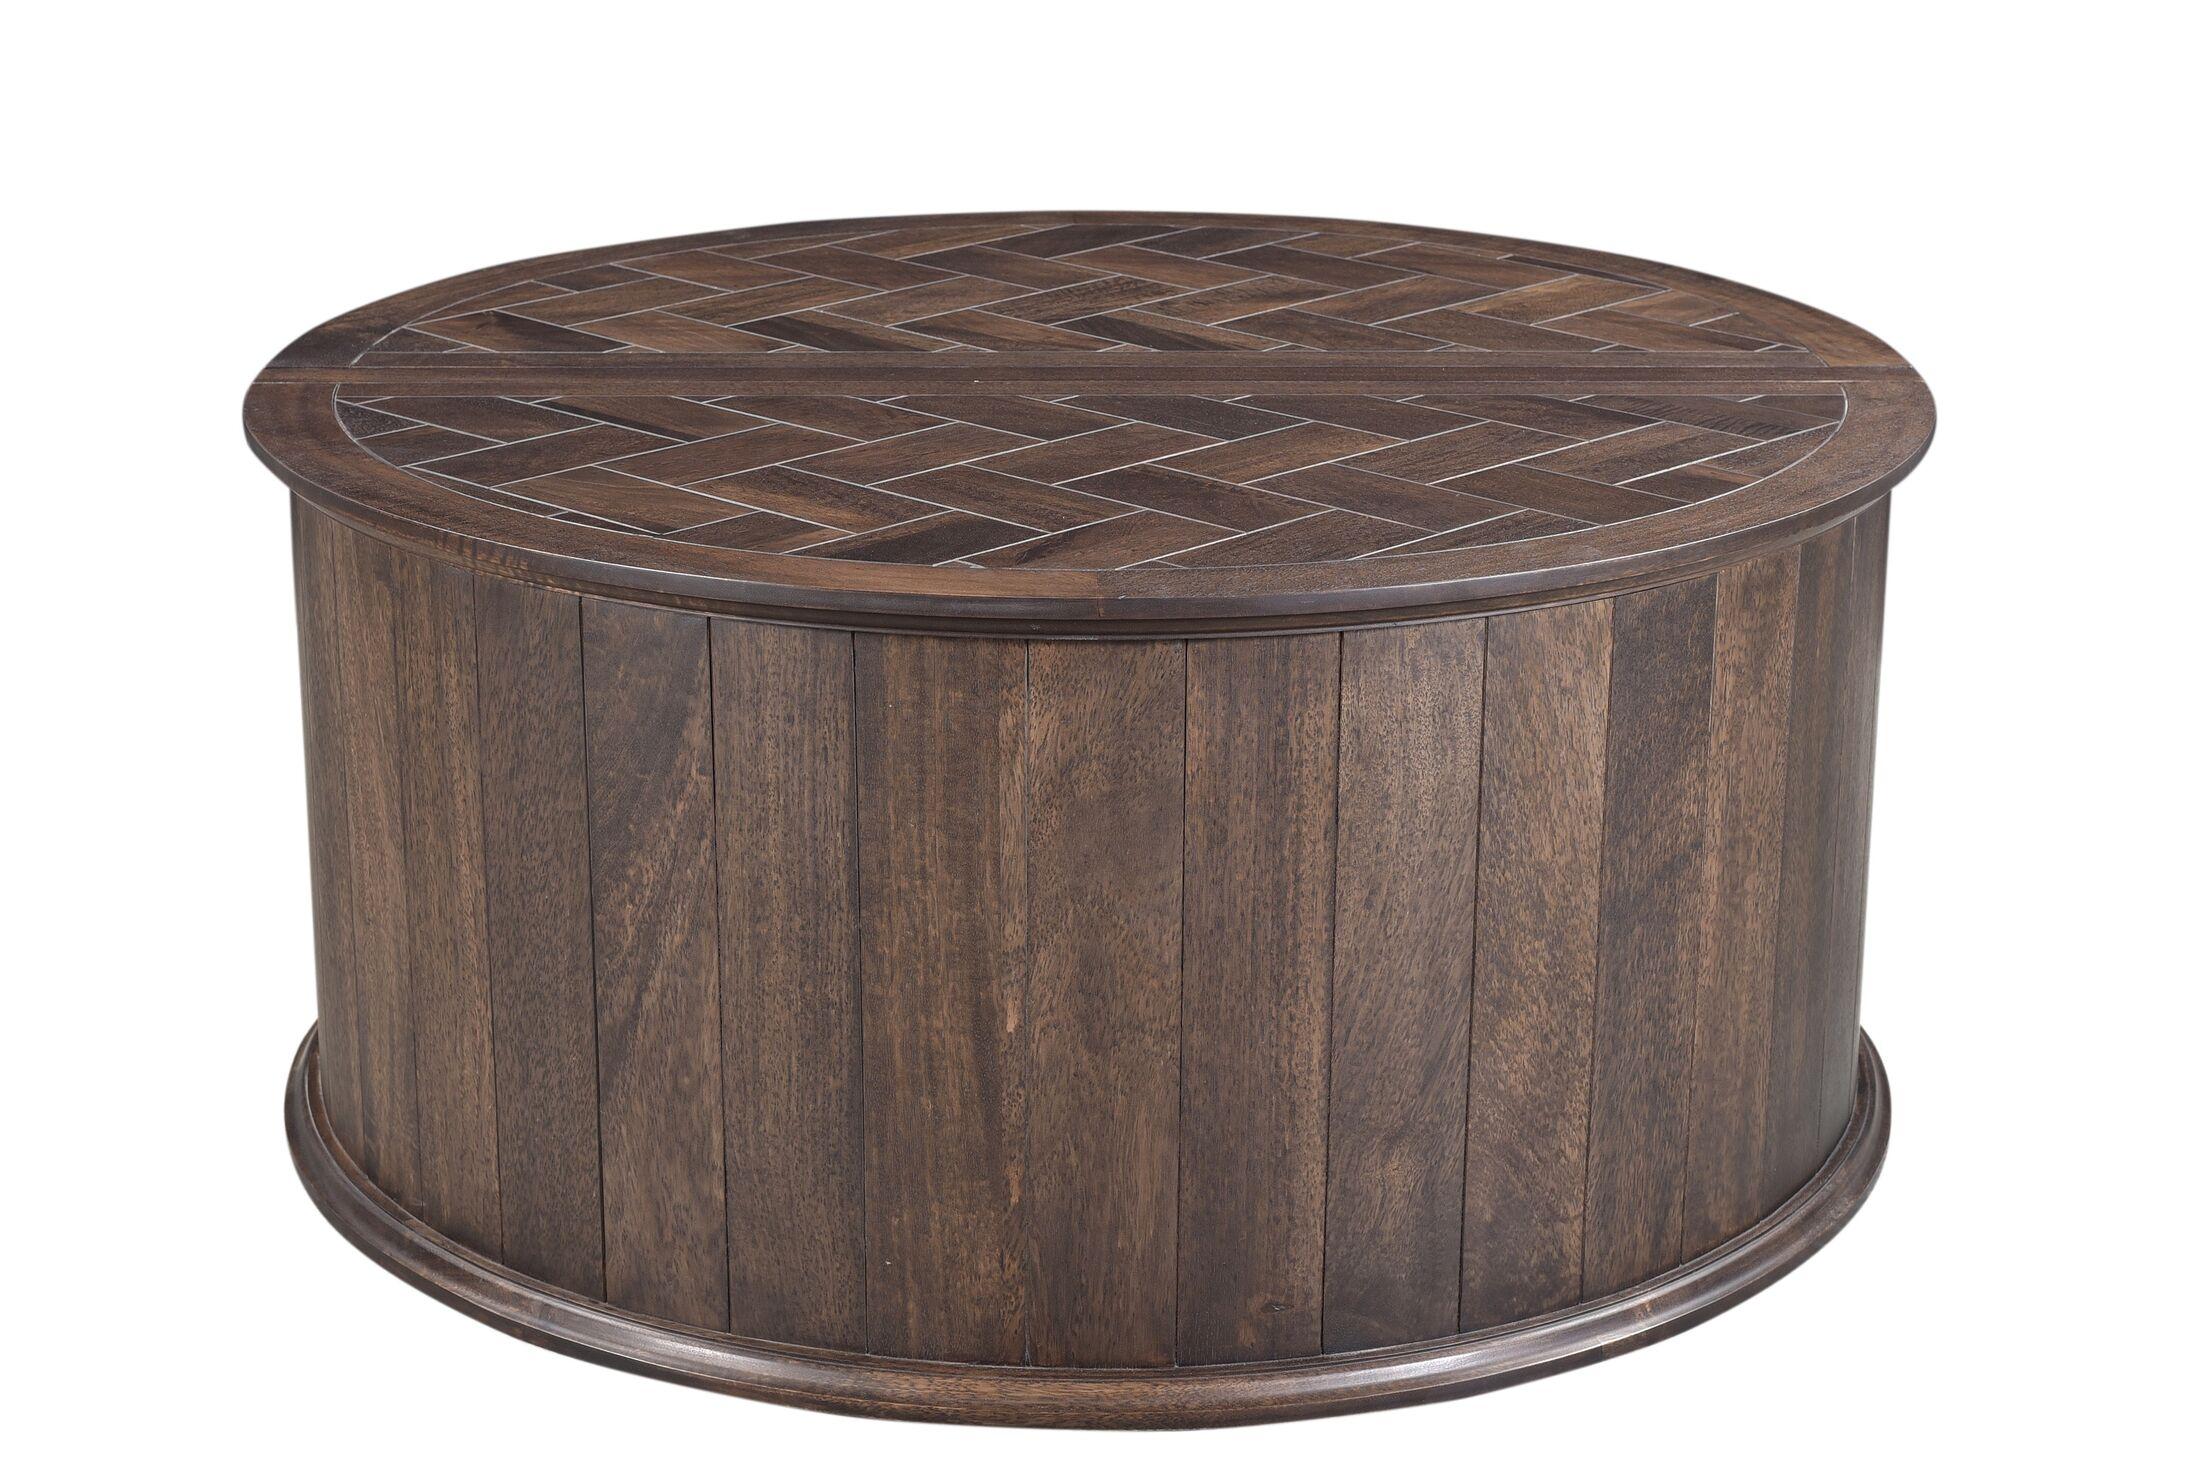 Caledonia Coffee Table Color: Smoke